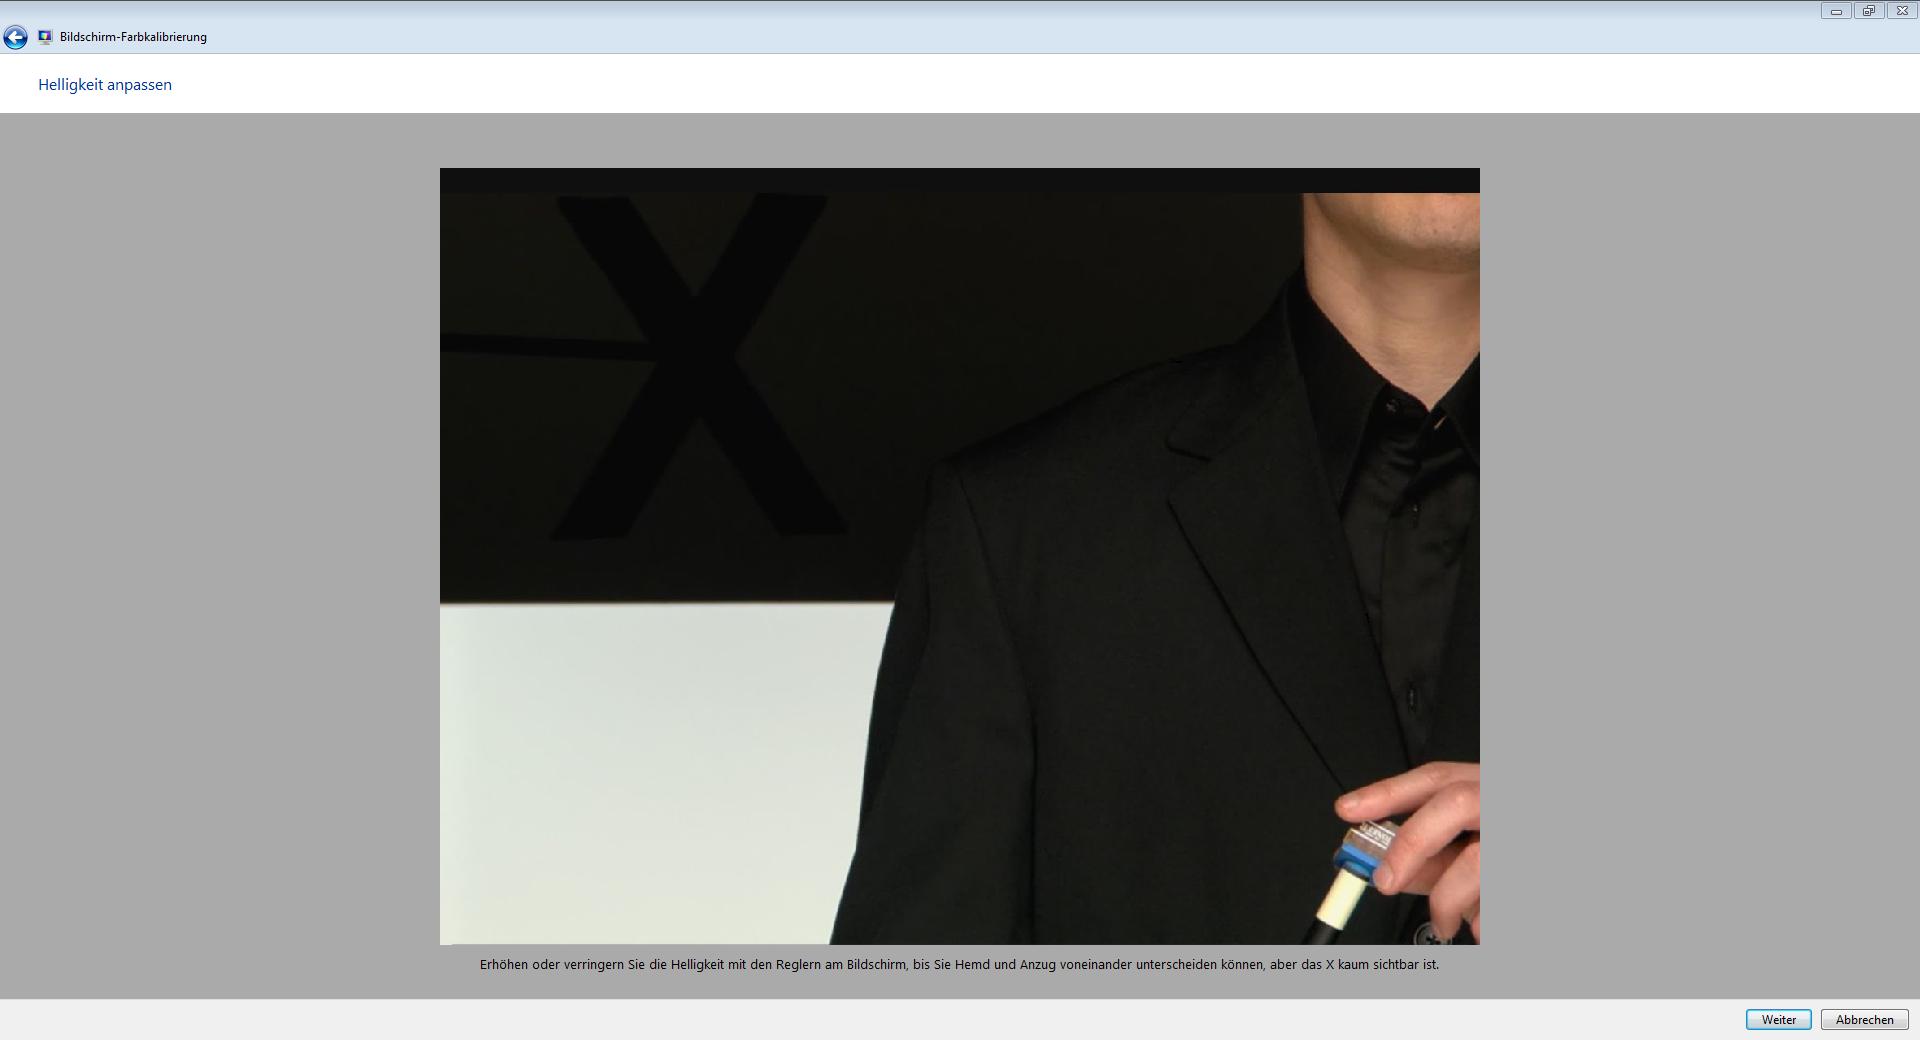 03-monitor-mit-hilfe-von-windows-kalibrieren-hellikeit-anpassen-470.png?nocache=1328700122405